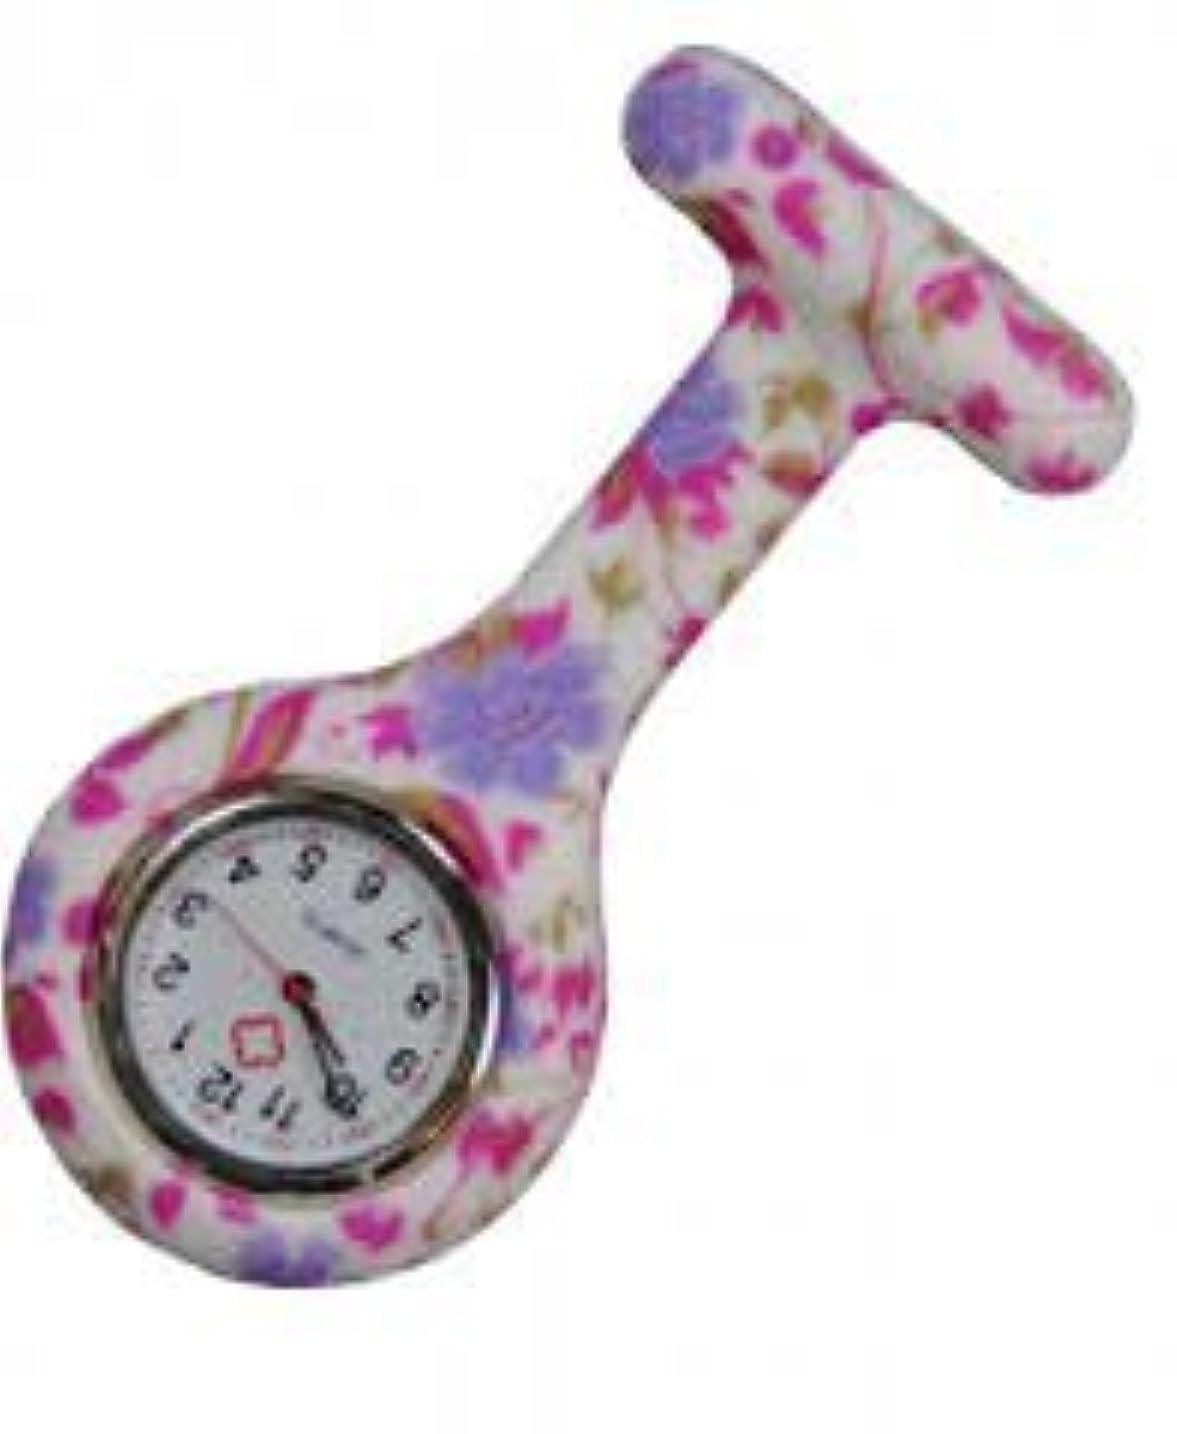 つまずく農業のアスリートBrand New Fashion Silicone Nurses Brooch Tunic Fob Watch New With FREE BATTERY by Boolavard? TM (Pale Purple Flowers)